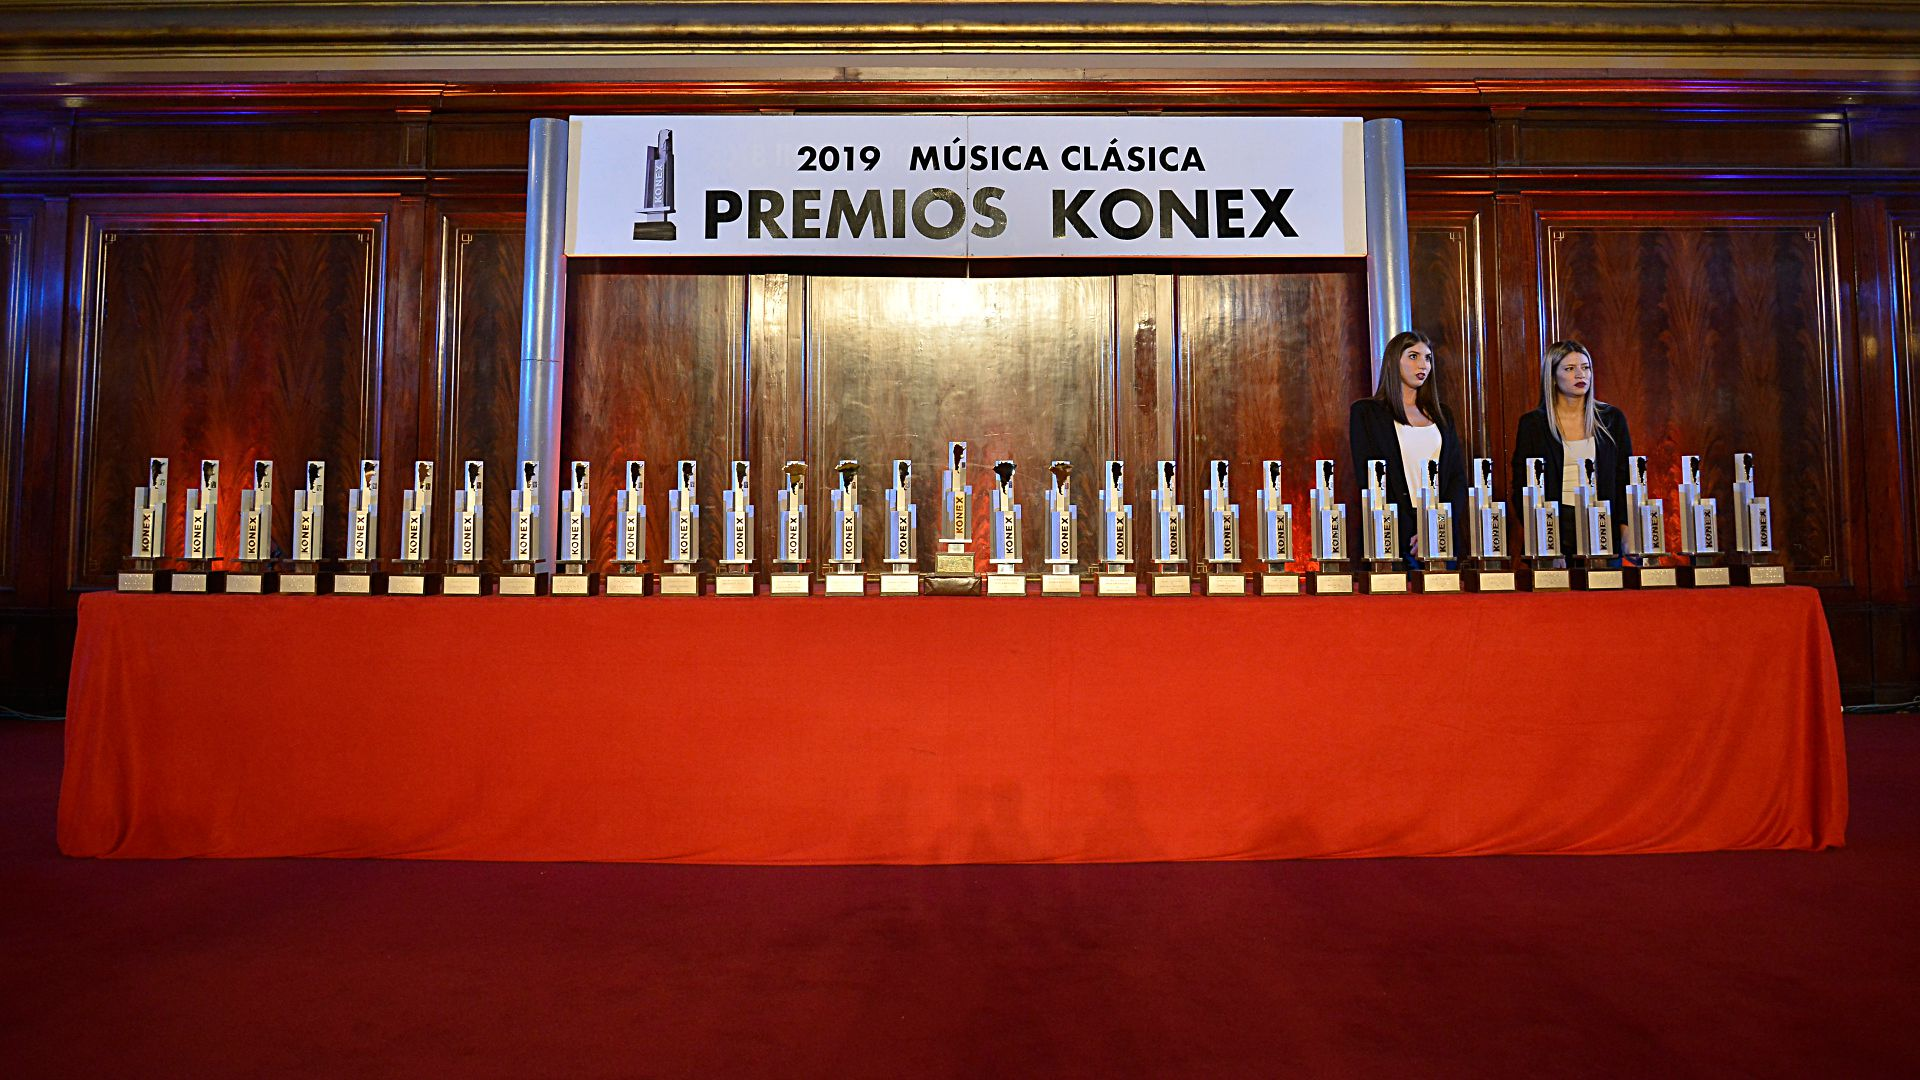 Año a año, la Fundación Konex distingue a argentinos sobresalientes. En 2020 no pudo hacerse acto de entrega por las restricciones de la pandemia.